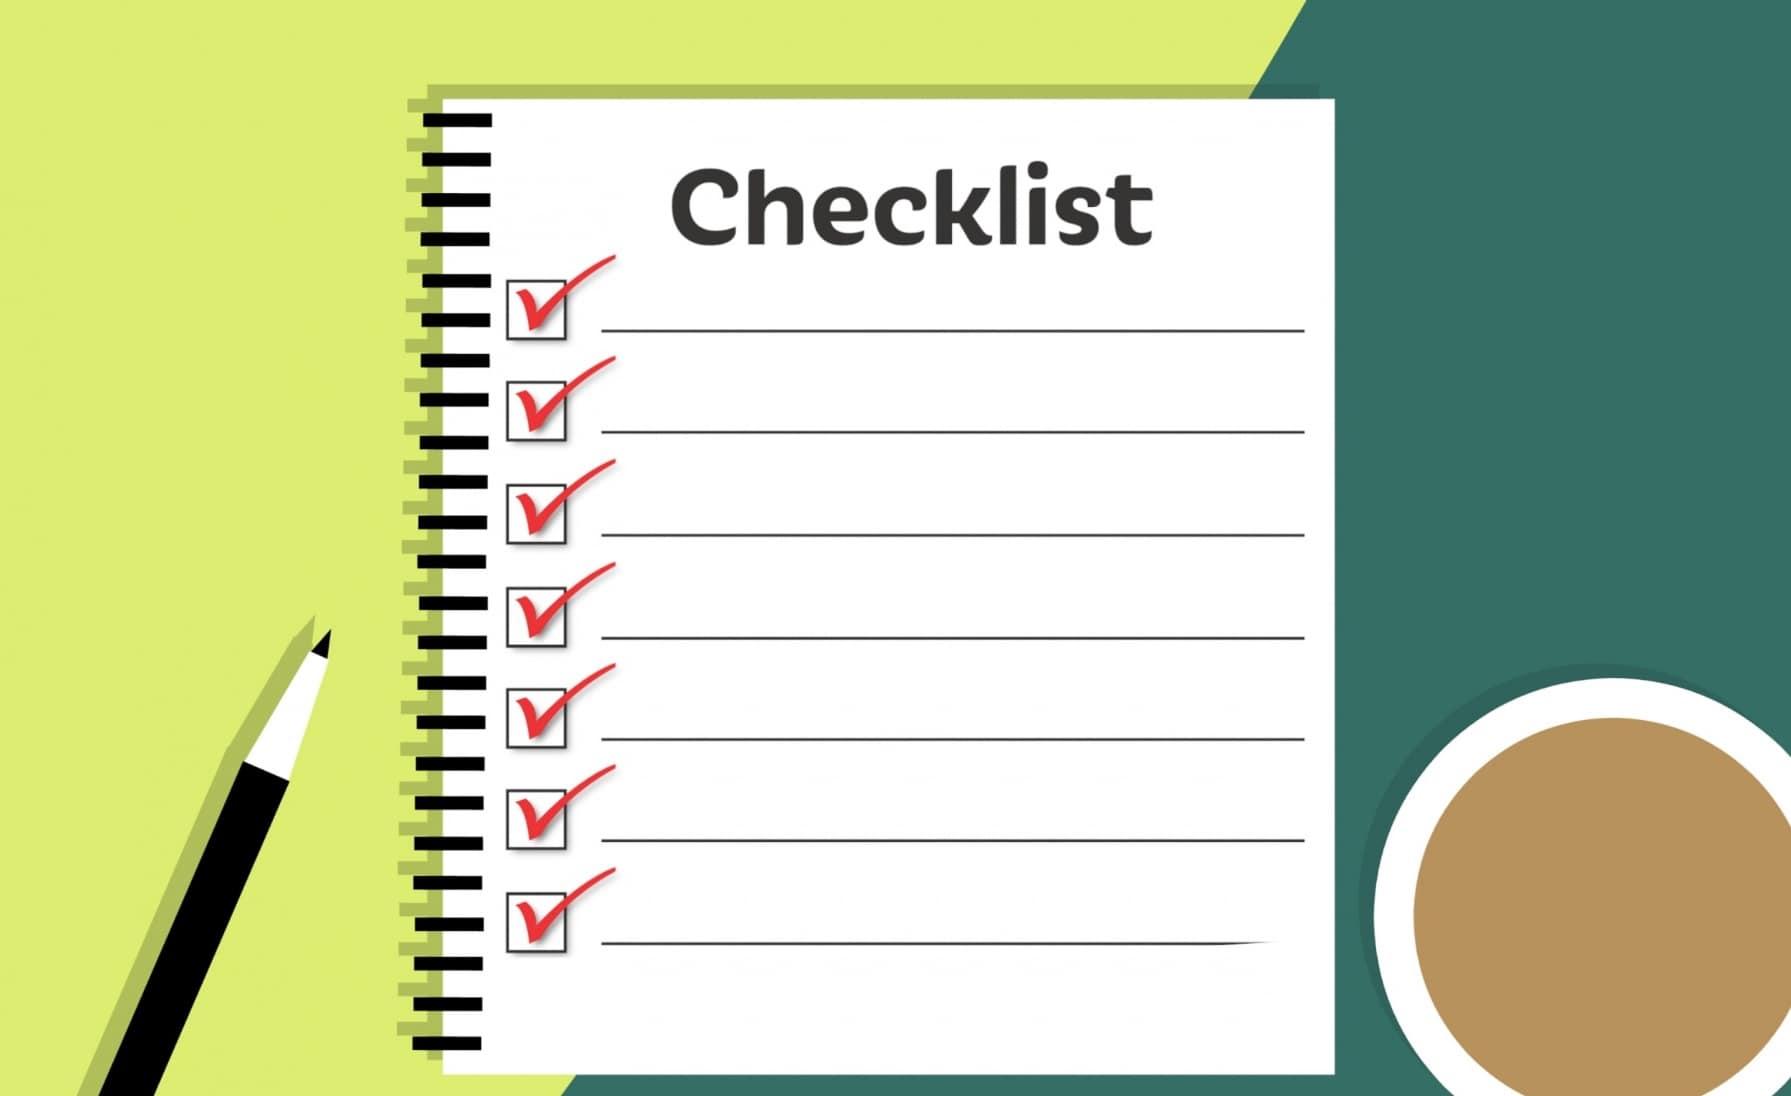 Woechentliche Checkliste für mehr Prduktivitaet. Bernd Kopin und Talente